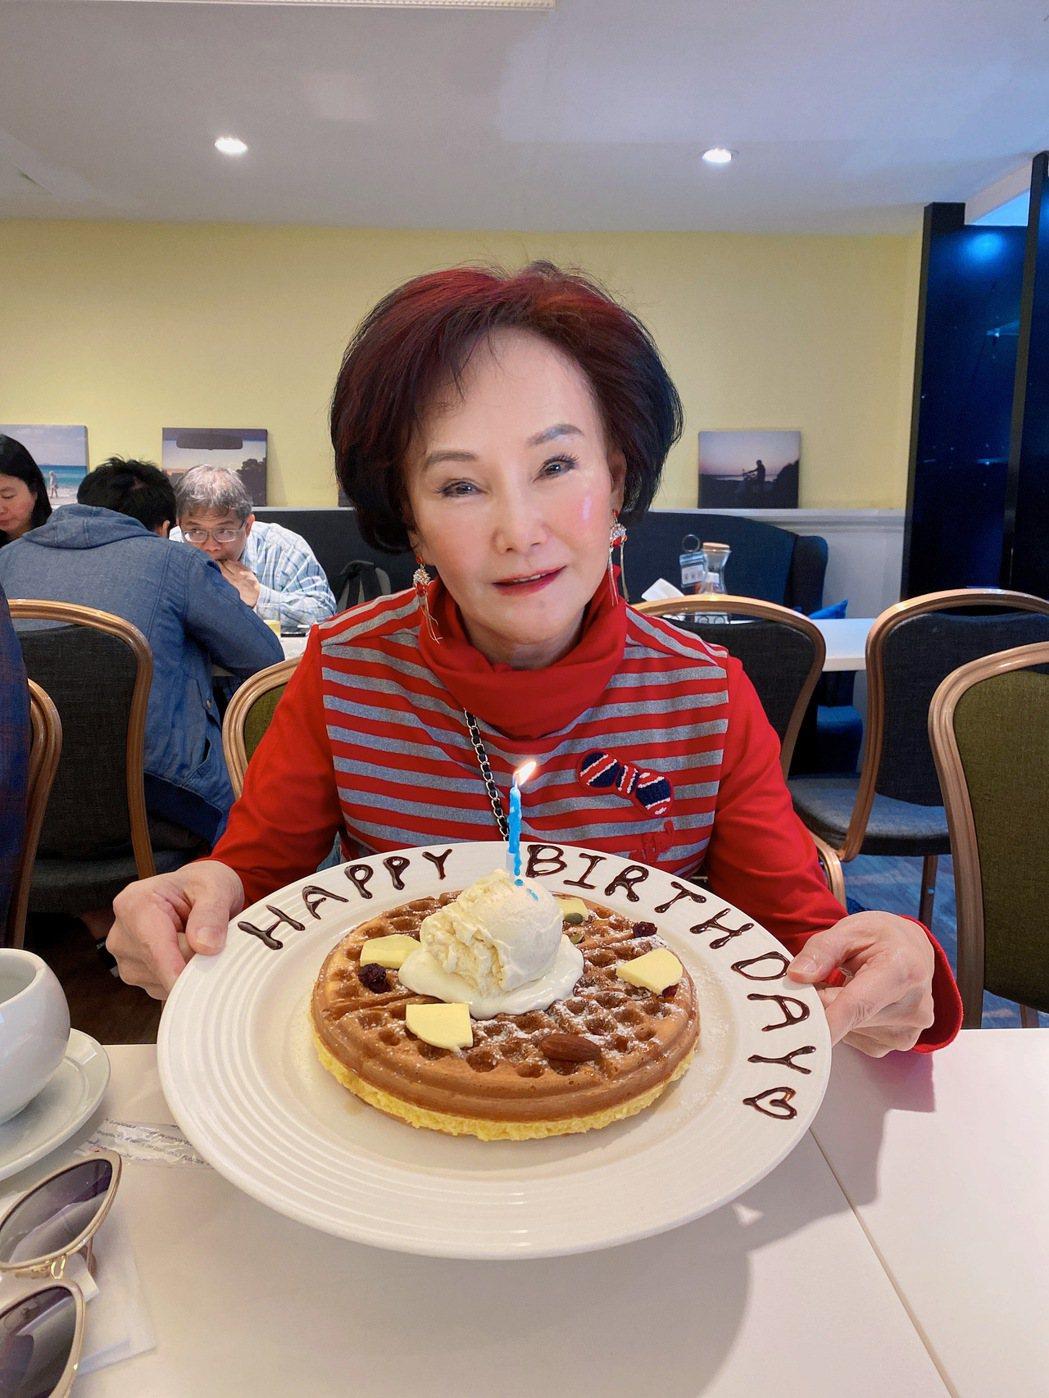 胡錦身分證上的生日是2月6日,趁機慶生。圖/北投映像電影公司提供